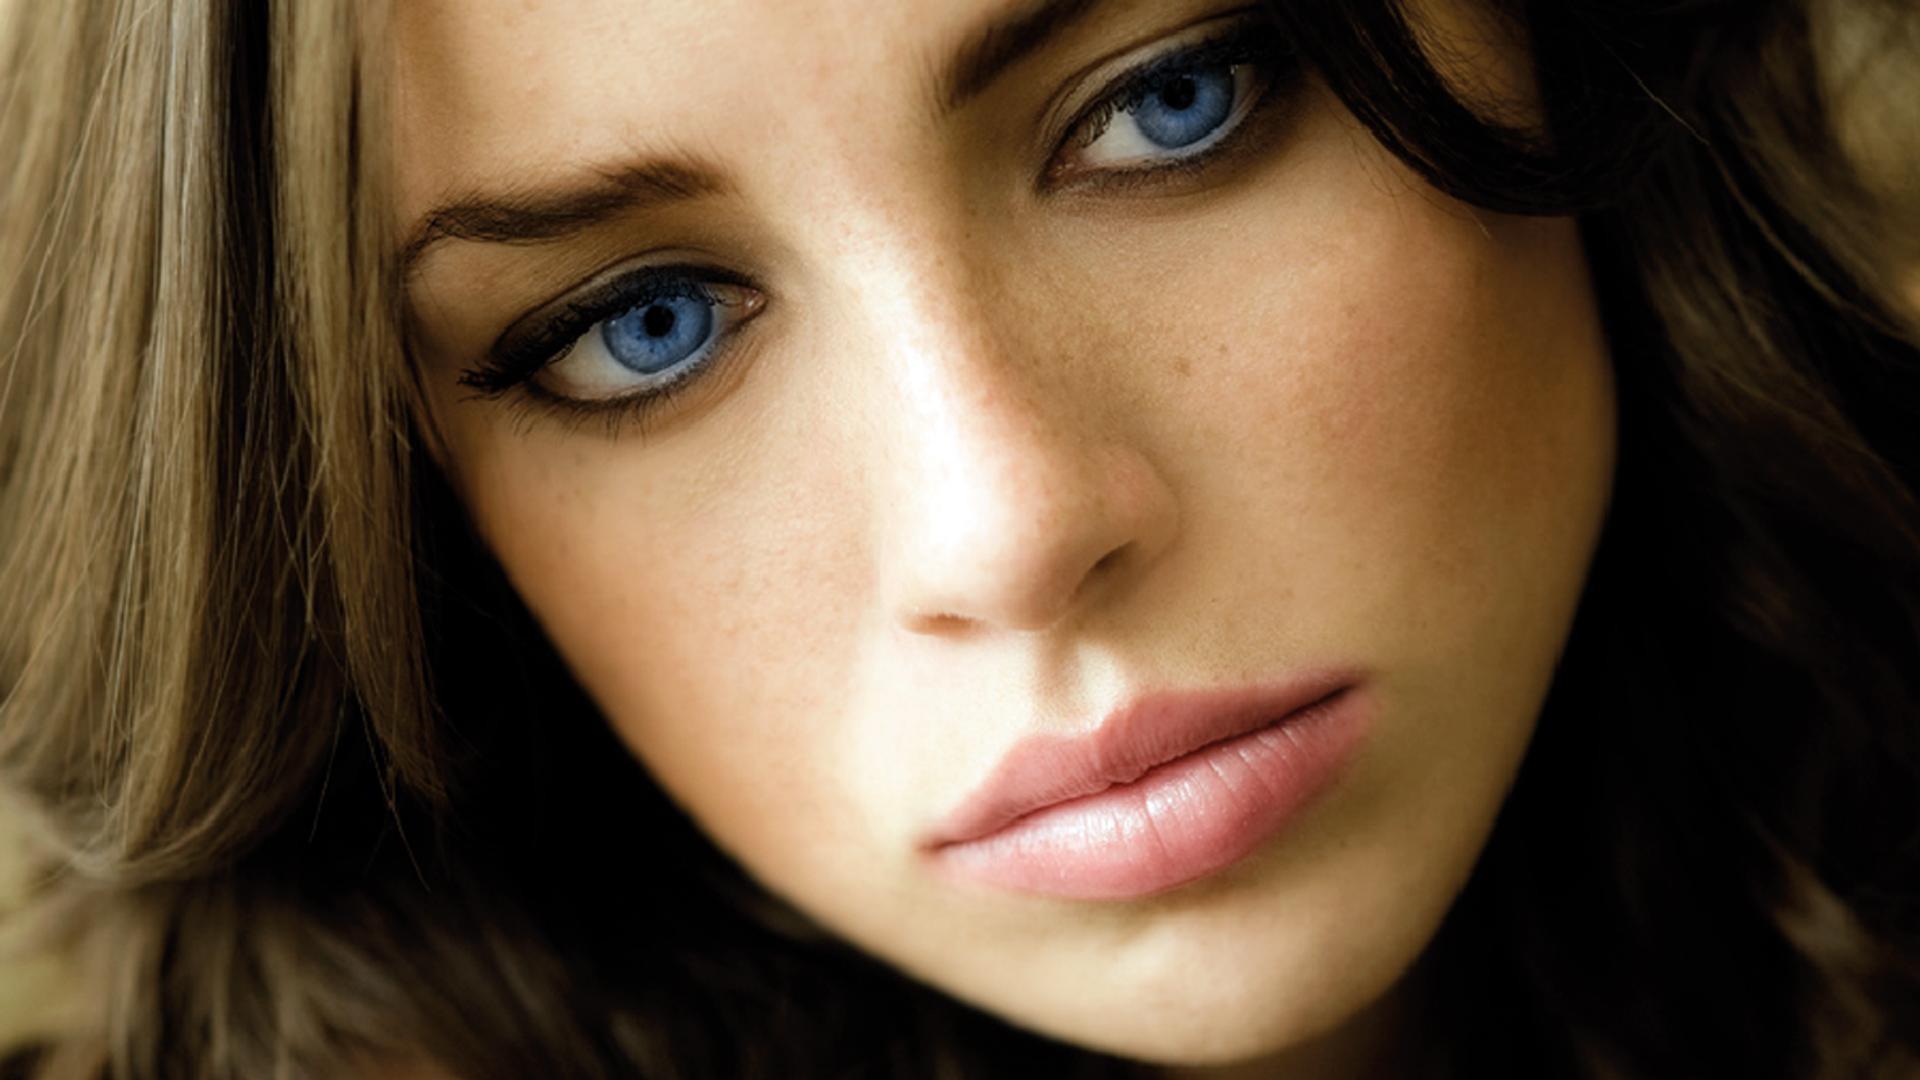 Девушки фото девушек глаза